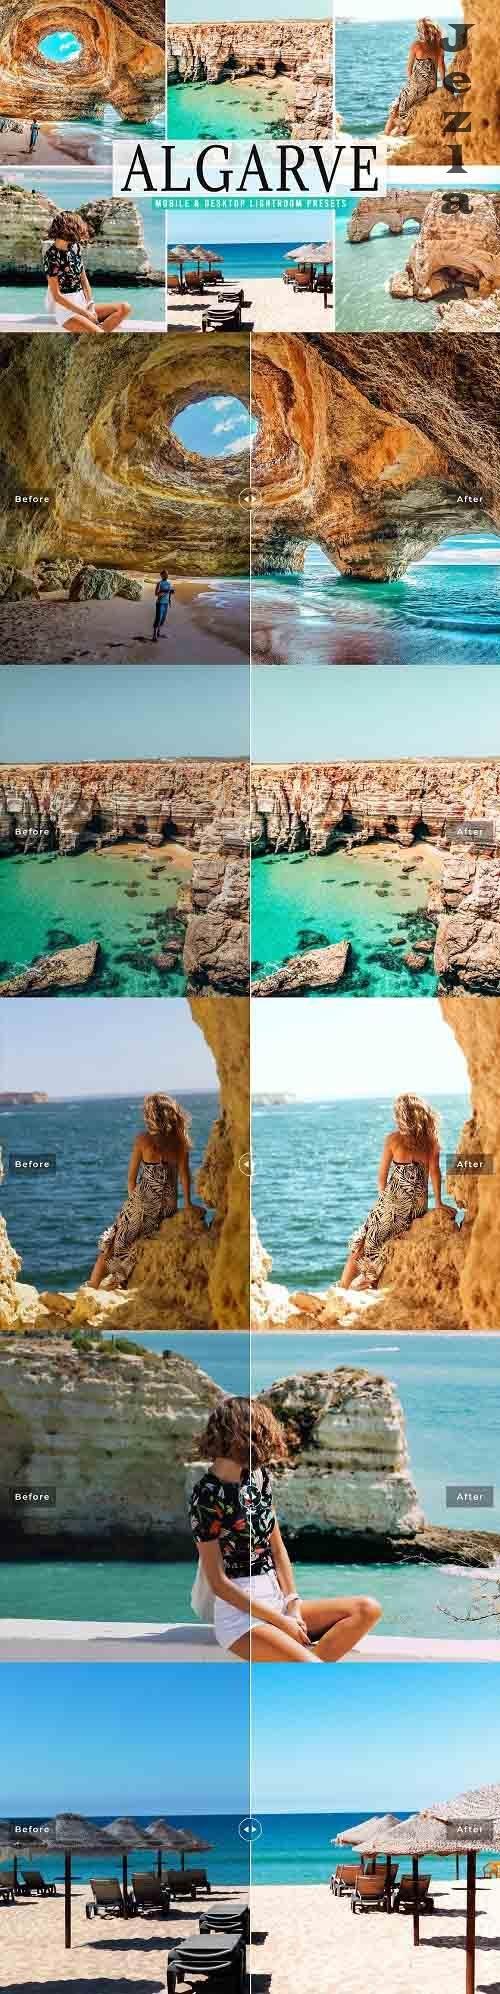 Algarve Pro Lightroom Presets - 5669663 - Mobile & Desktop